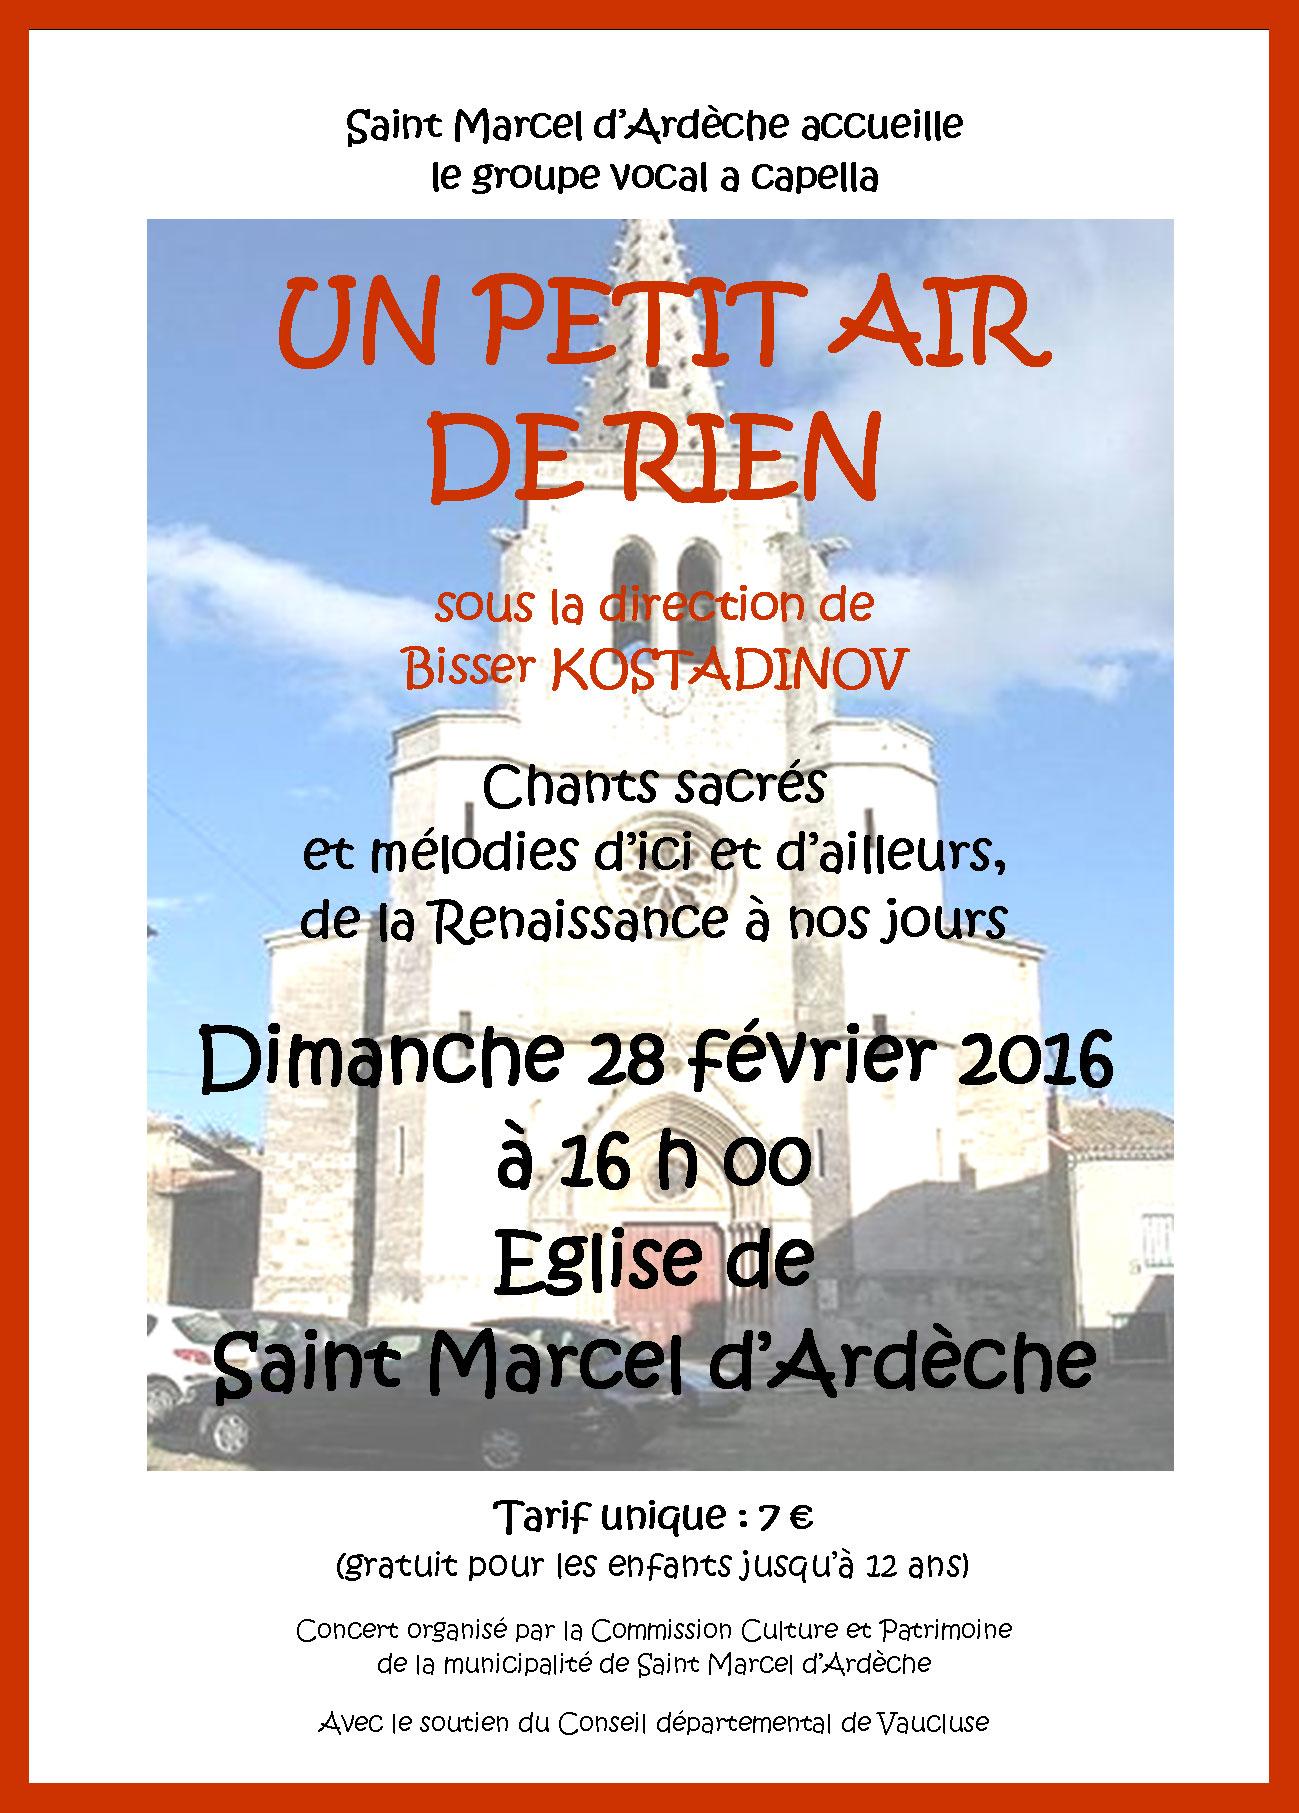 affiche du concert de UPADR à St Marcel d'Ardèche